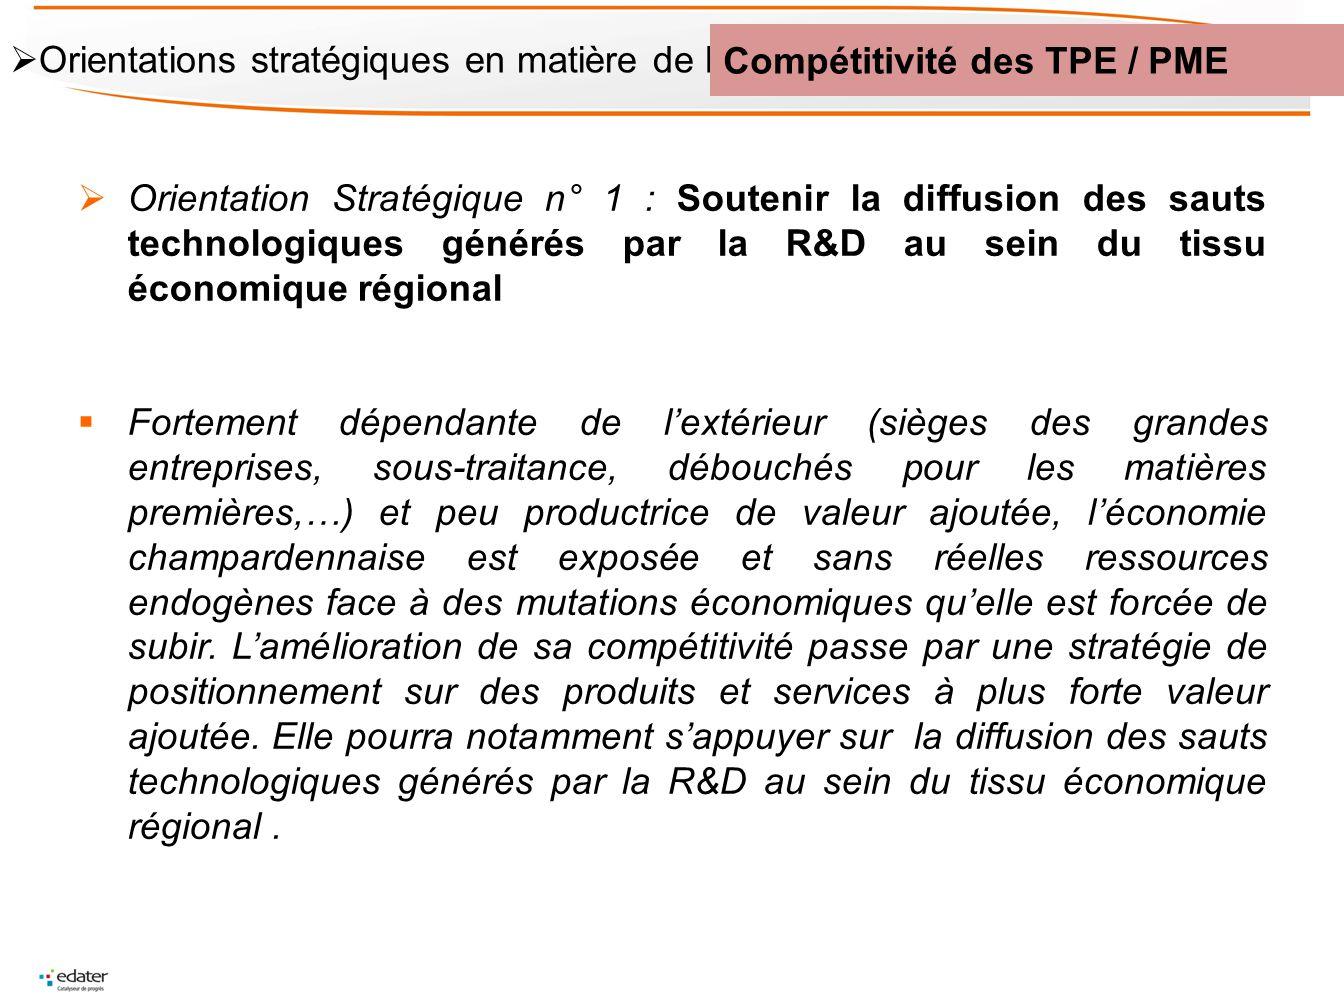 Orientation Stratégique n° 1 : Soutenir la diffusion des sauts technologiques générés par la R&D au sein du tissu économique régional Fortement dépend